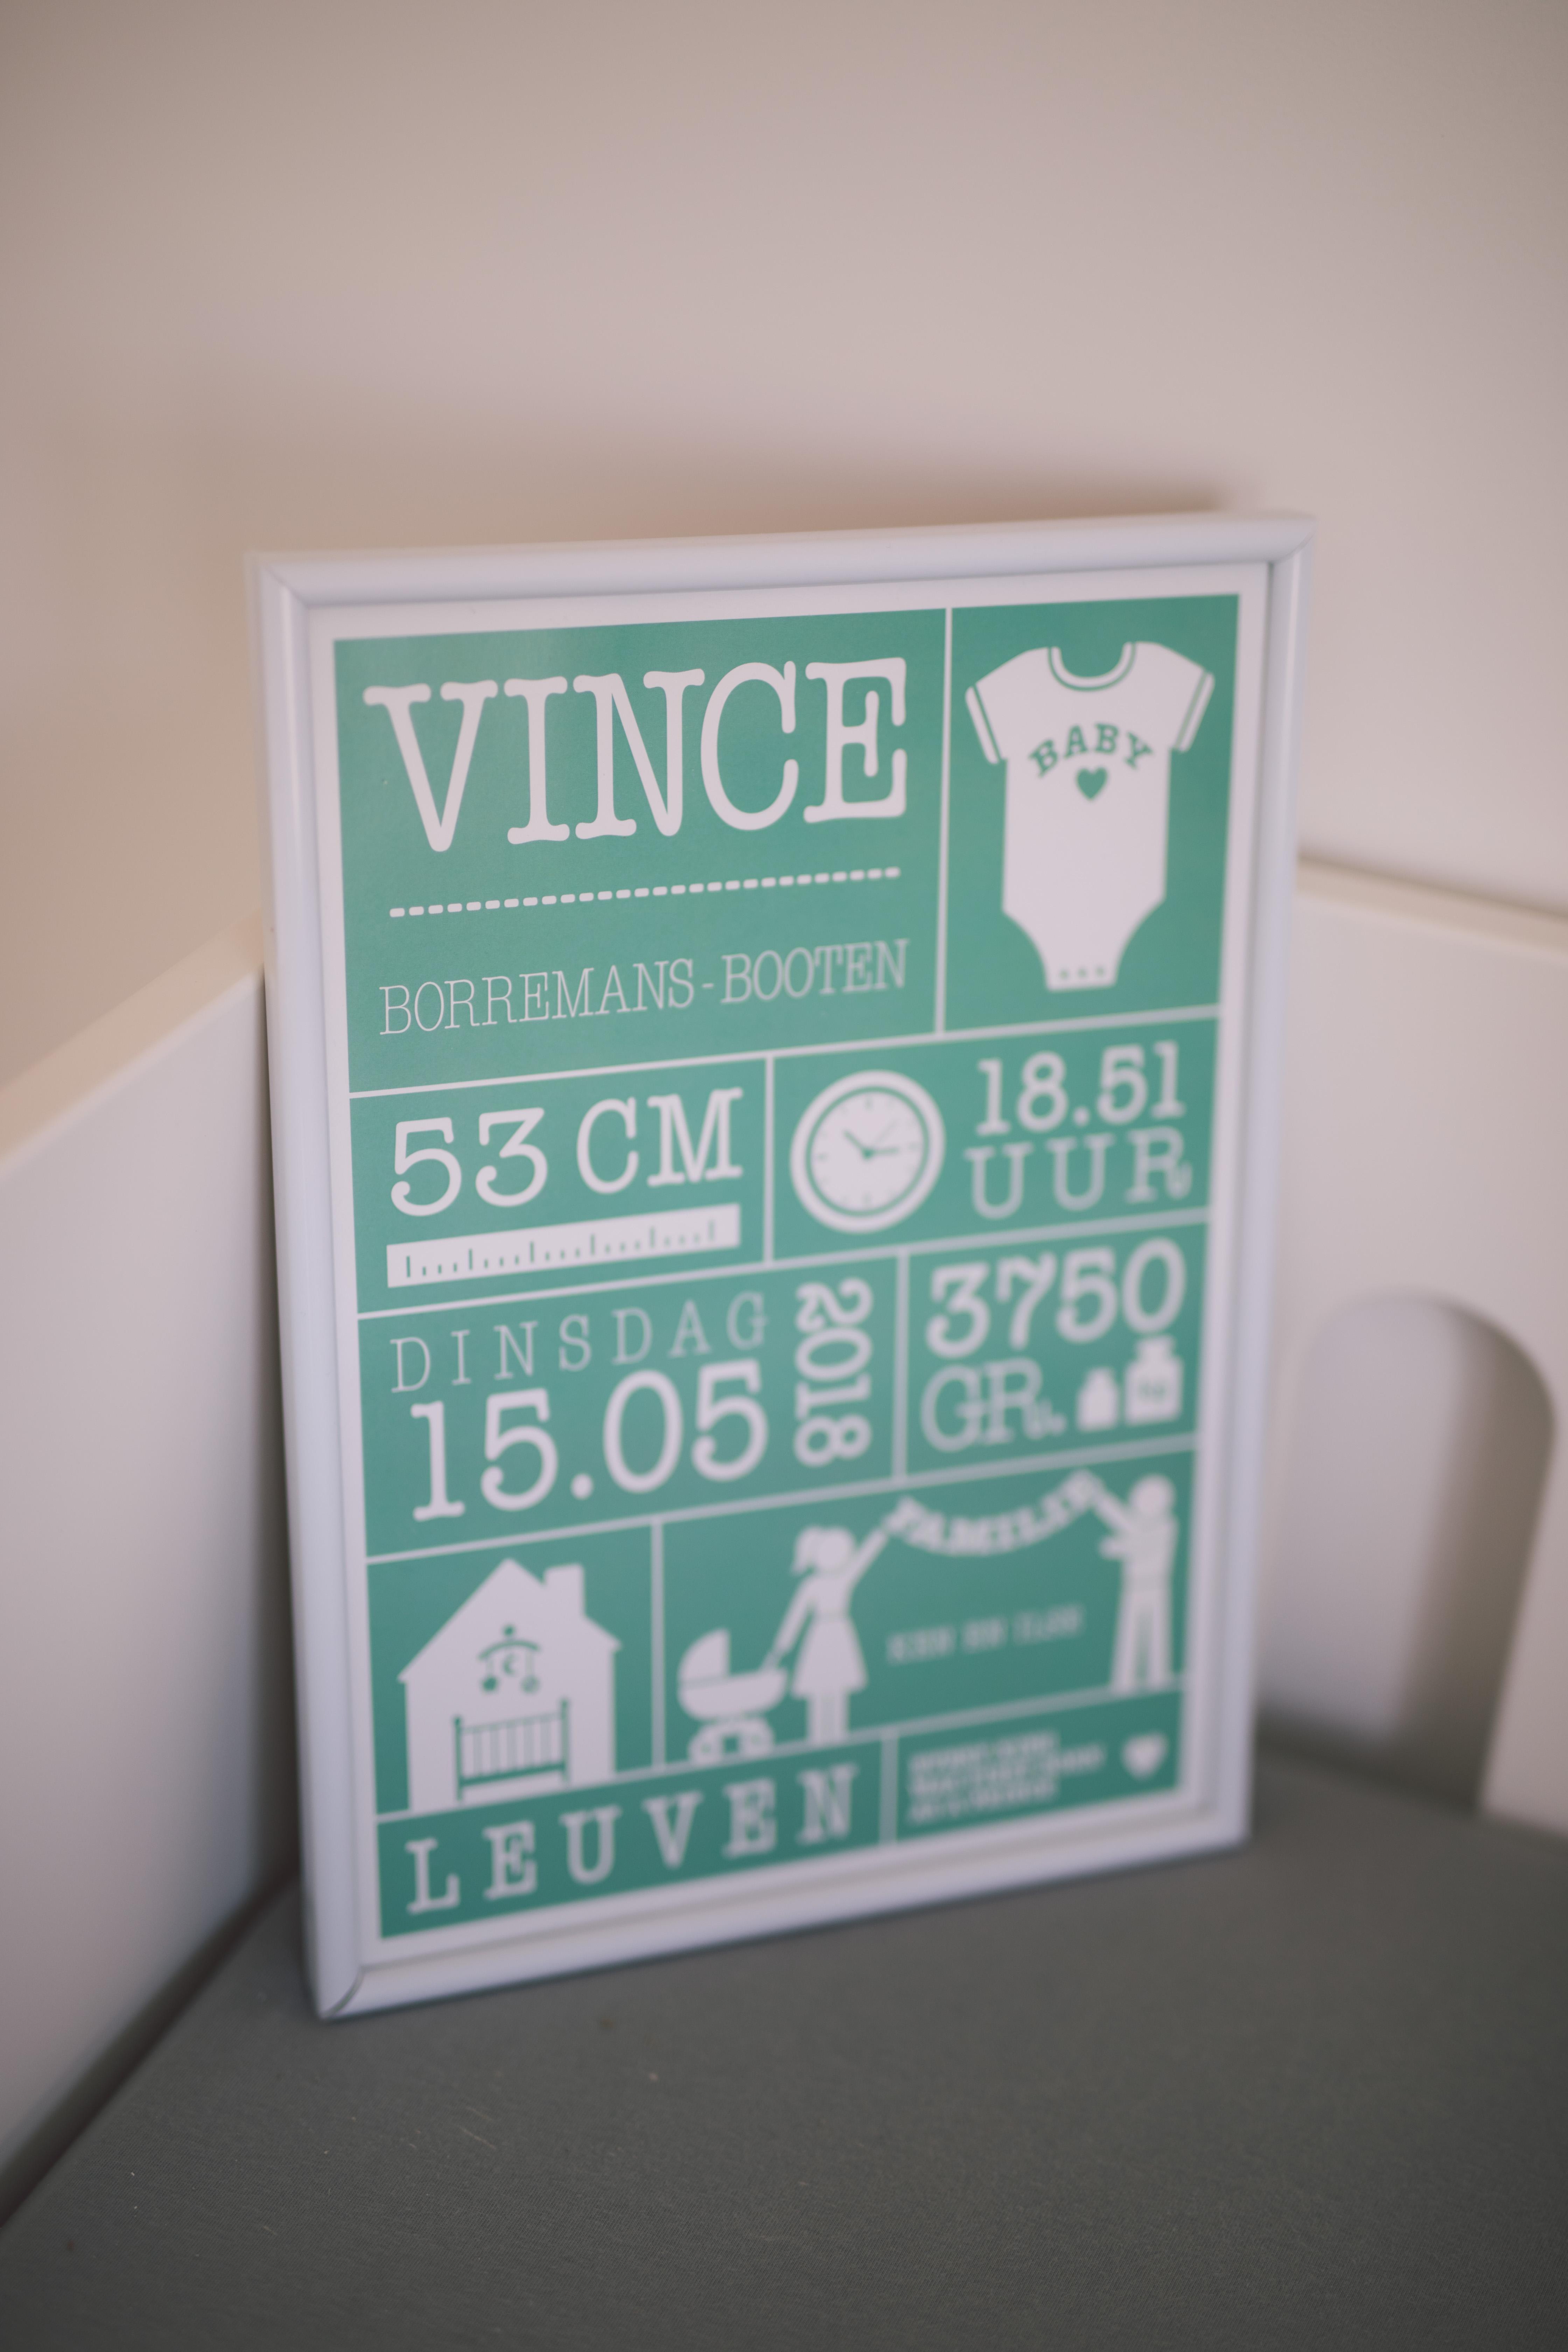 Vince-4